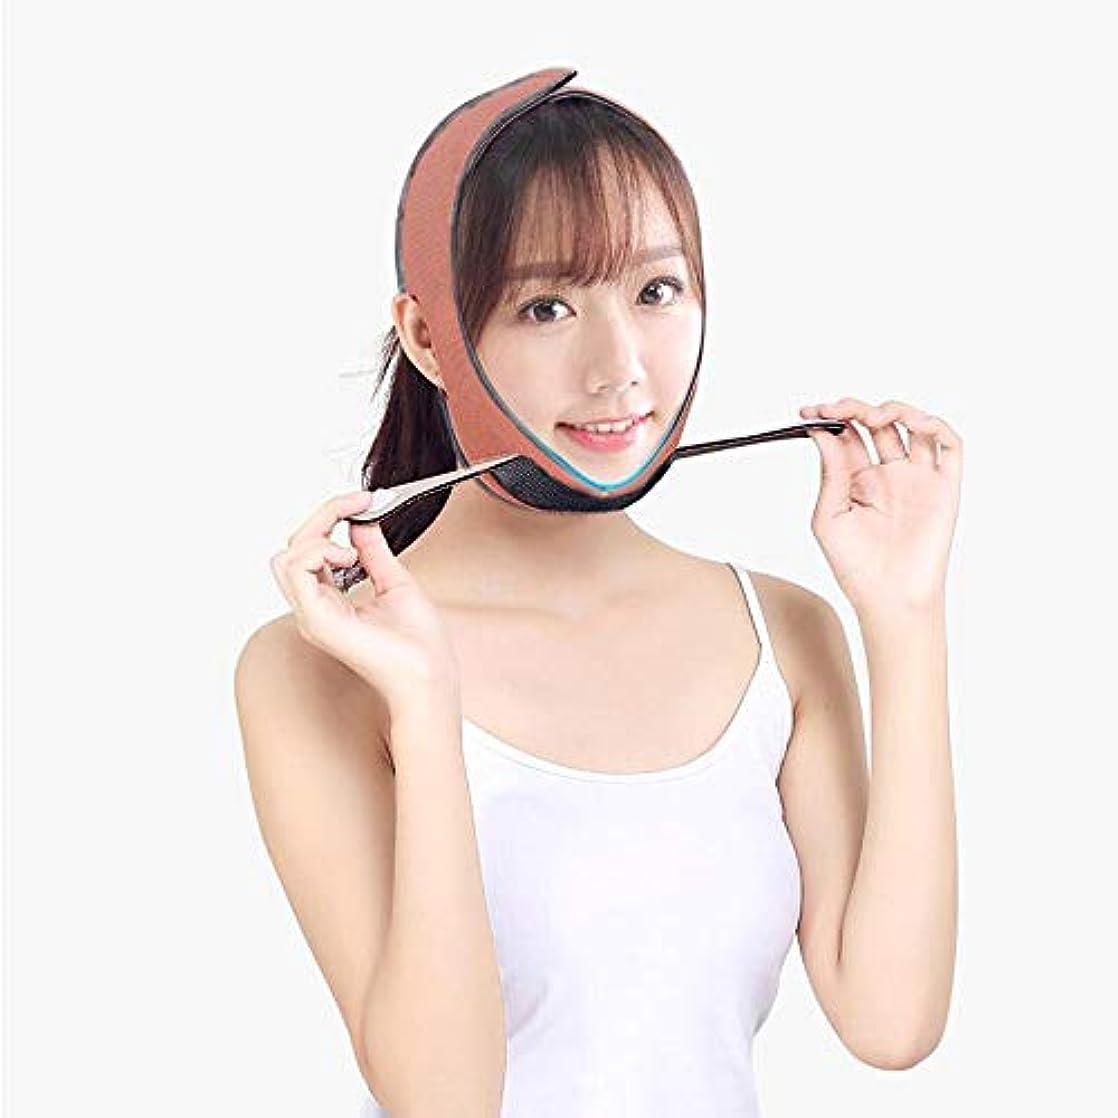 崖誠意経営者GYZ フェイシャルリフティングスリミングベルト - 薄いフェイス包帯Vフェイス包帯マスクフェイシャルマッサージャー無料整形マスク顔と首の顔を引き締めますスリム Thin Face Belt